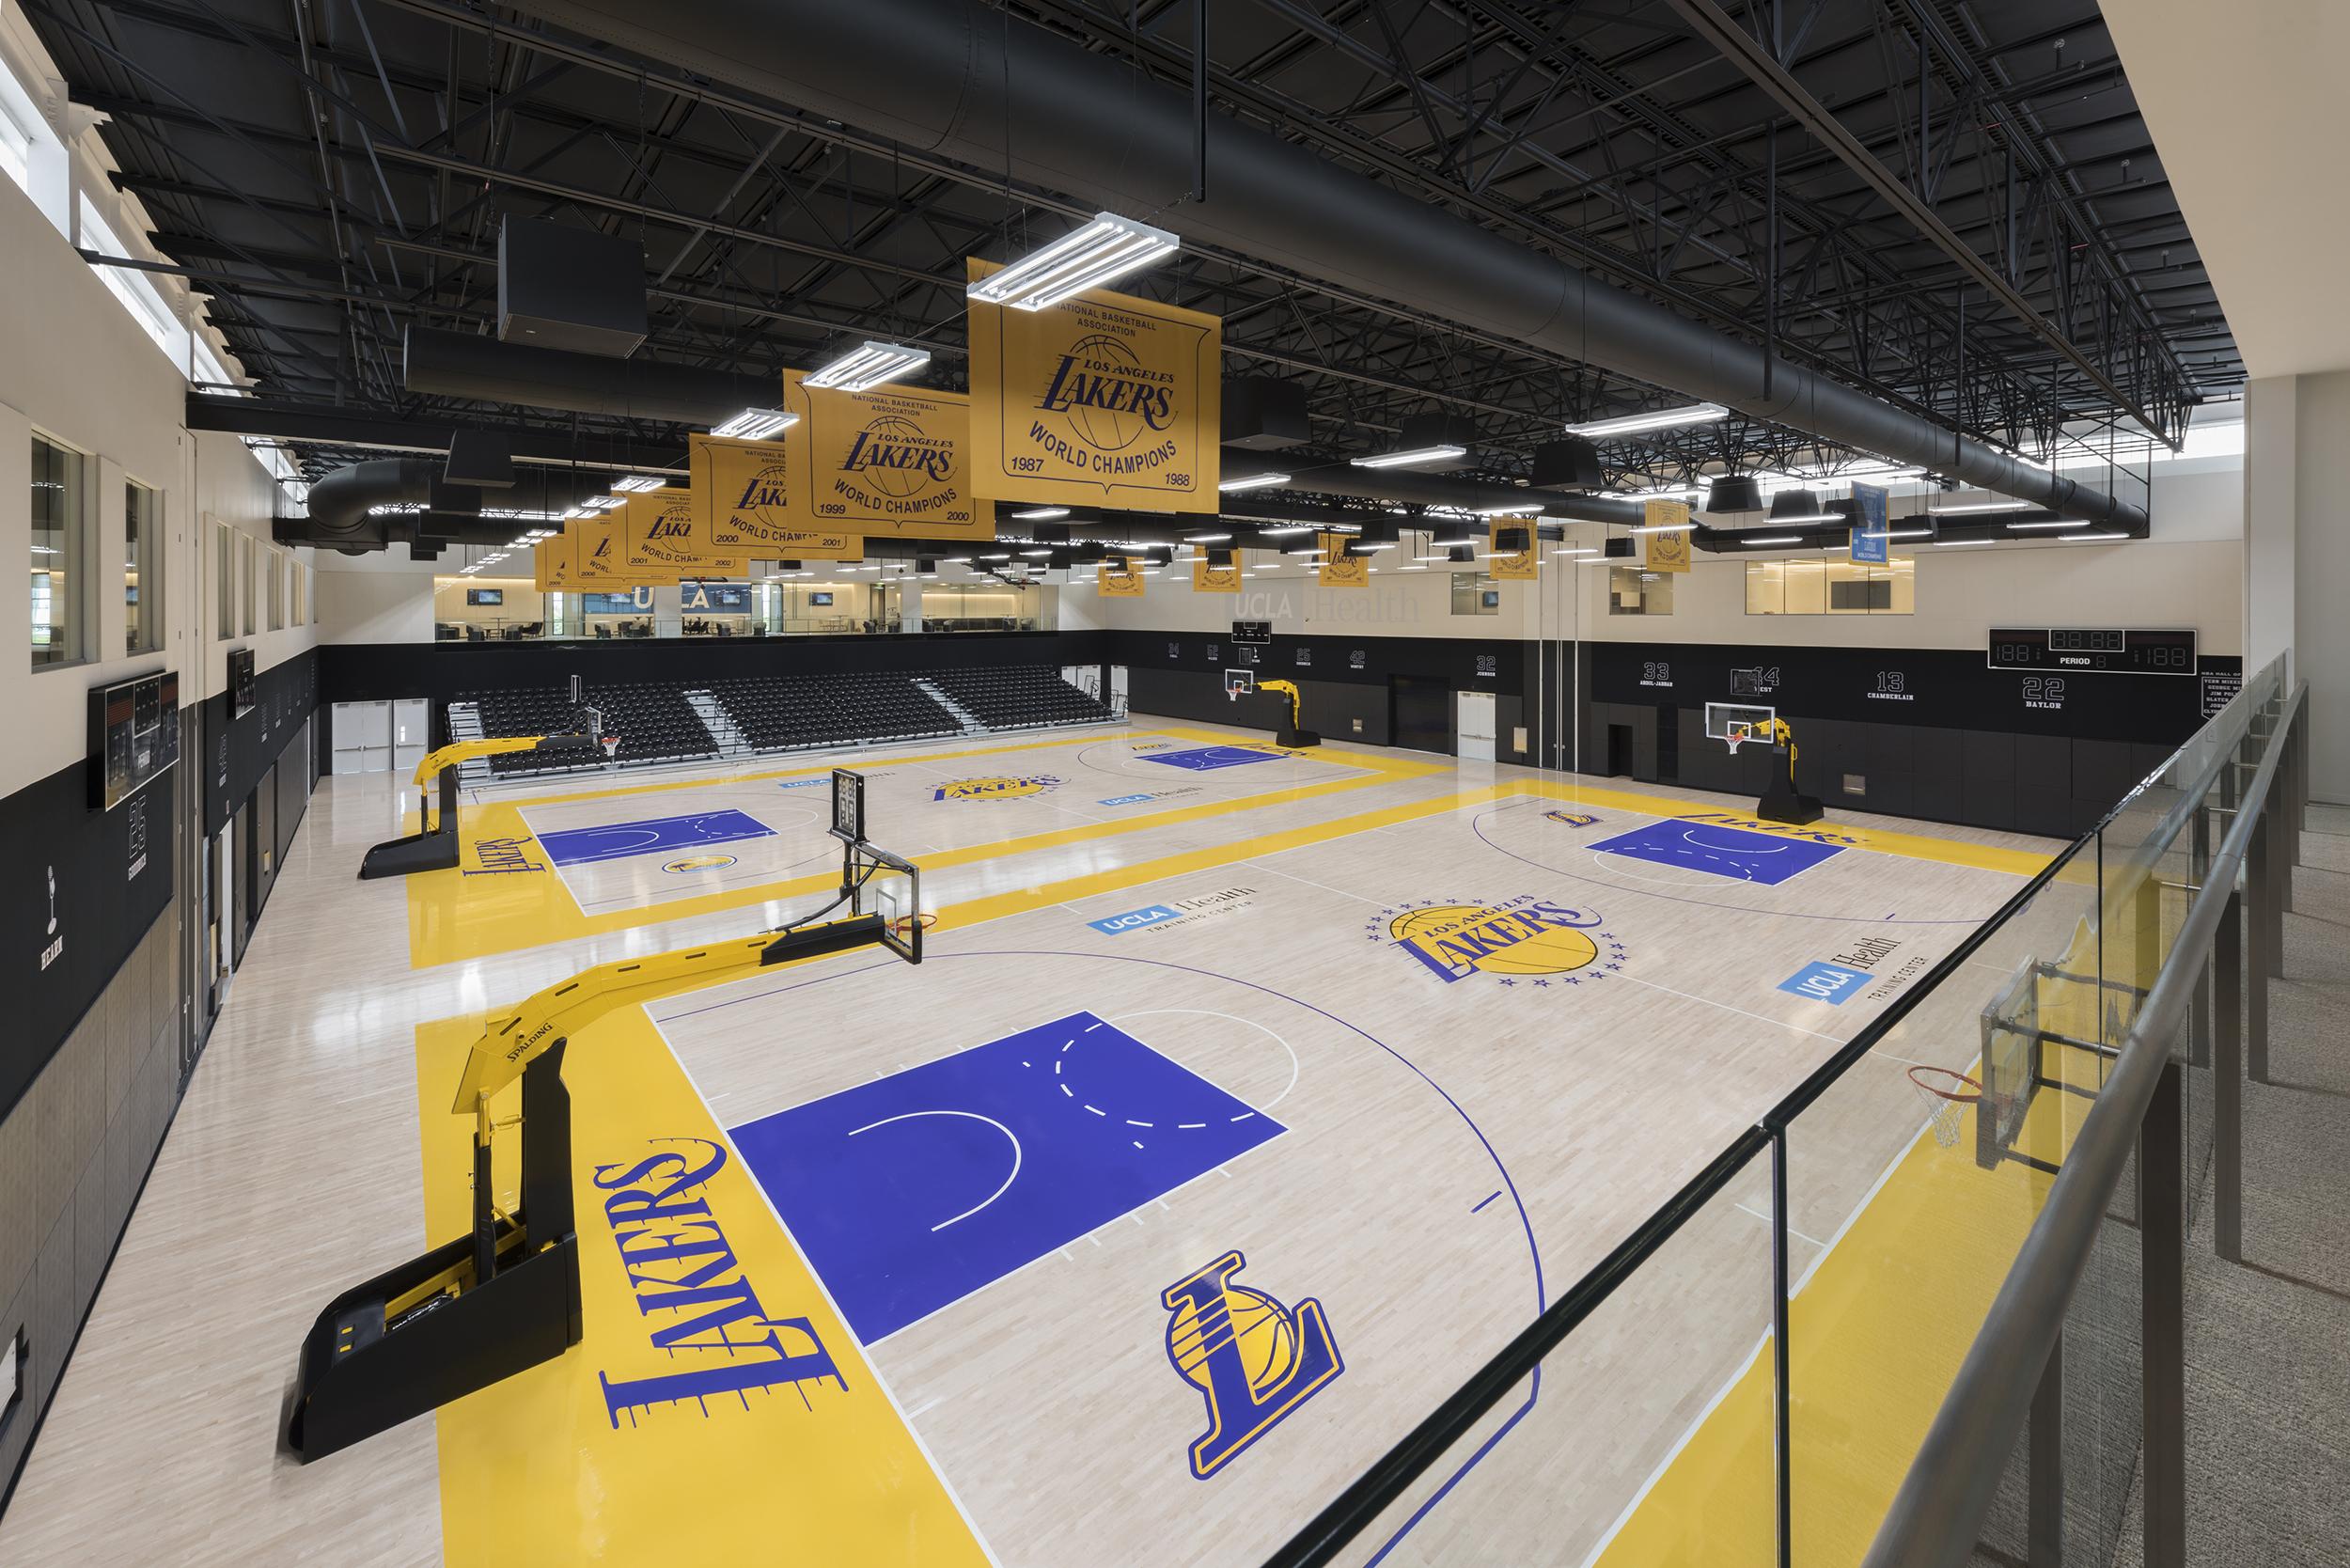 La NBA retrasa el uso de las instalaciones y anuncia nuevas medidas